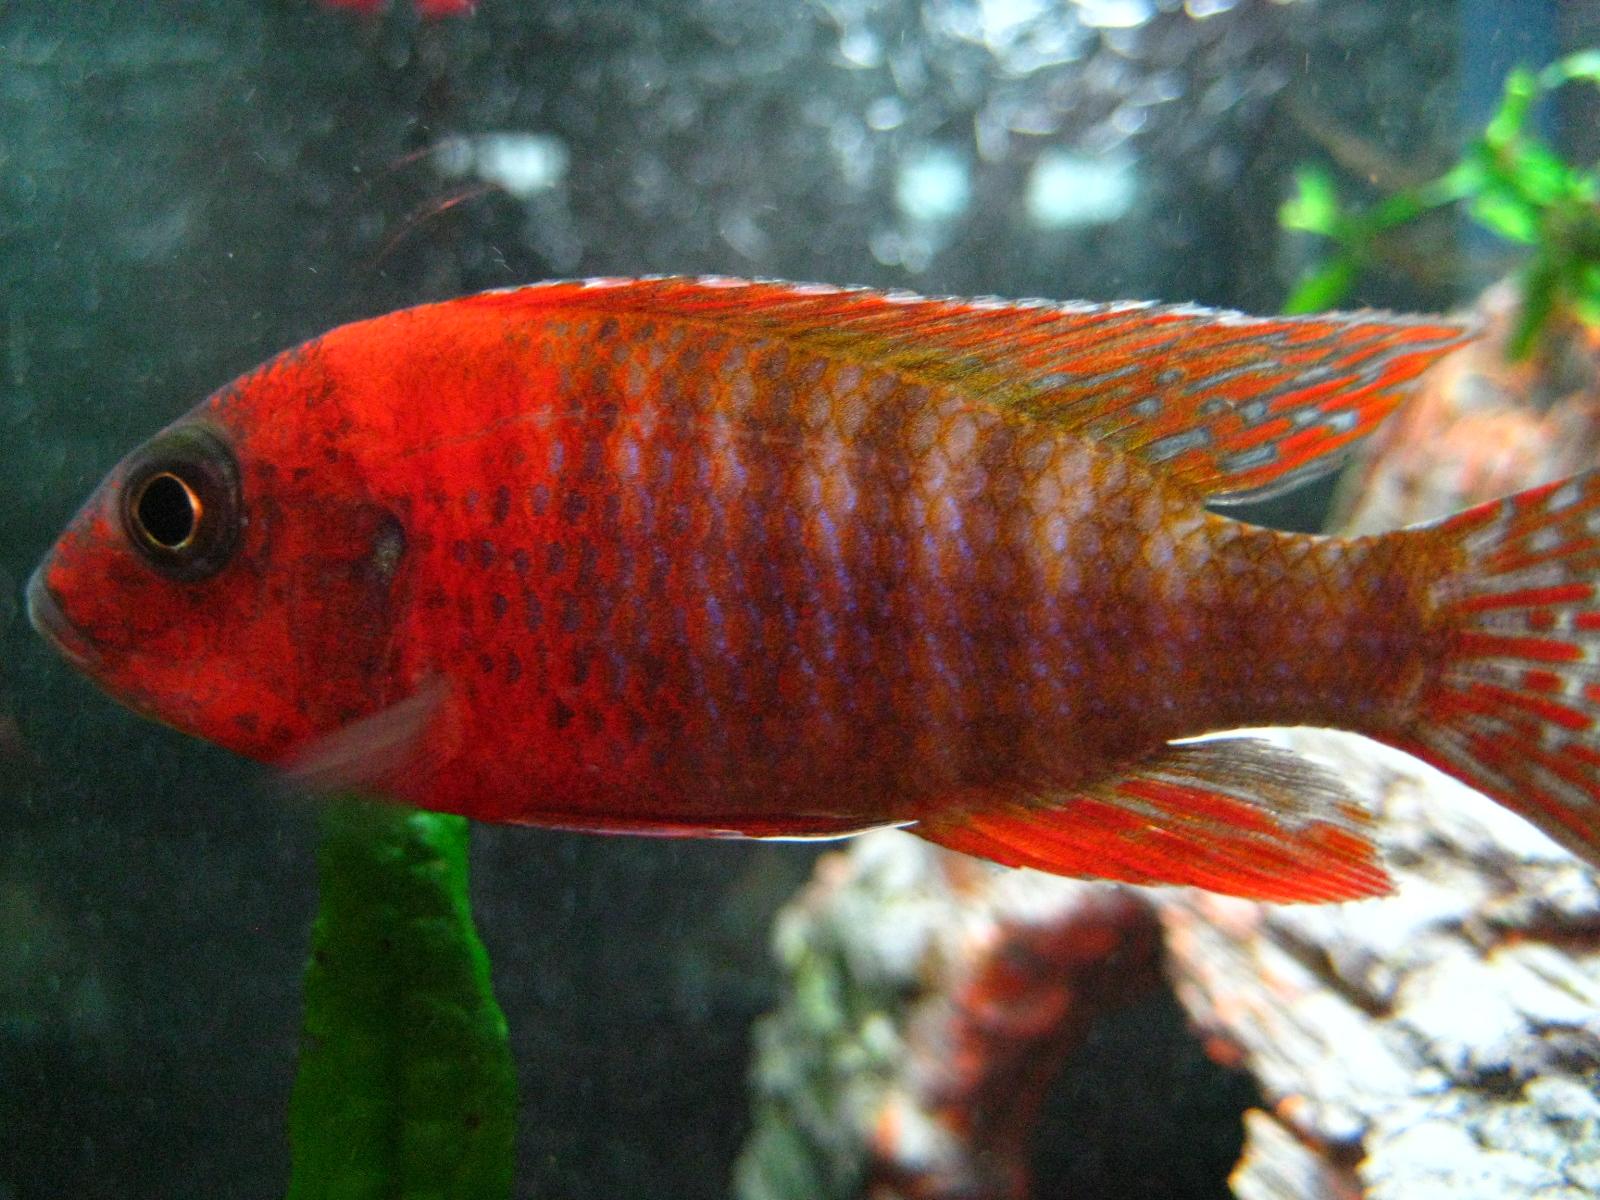 Ruby red cichlid female - photo#1